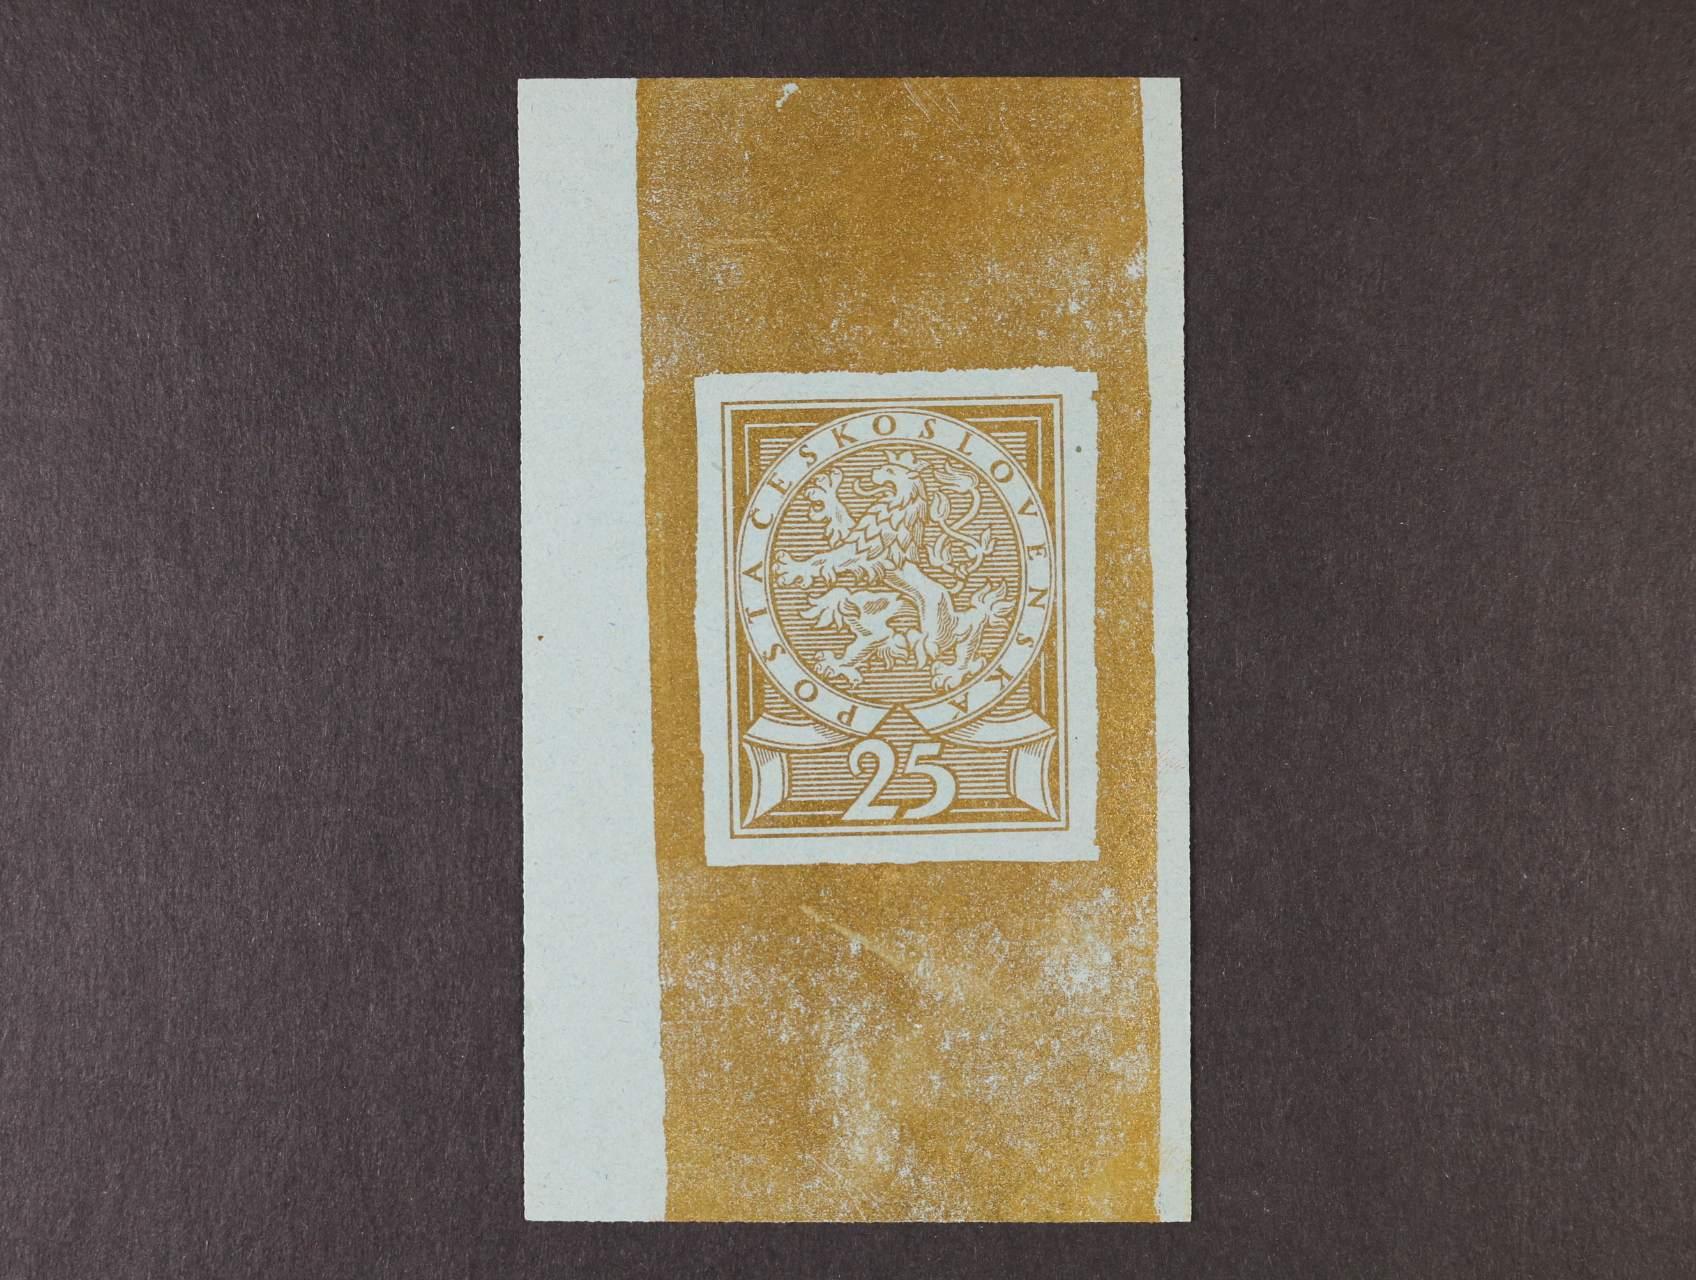 předlohový tisk nepřijatého návrhu  25h od V. H. Brunera, 3. soutěž, větší formát 34 x 44 mm ve zlaté barvě na kousku světlemodrého papíru z nevyčištěné desky